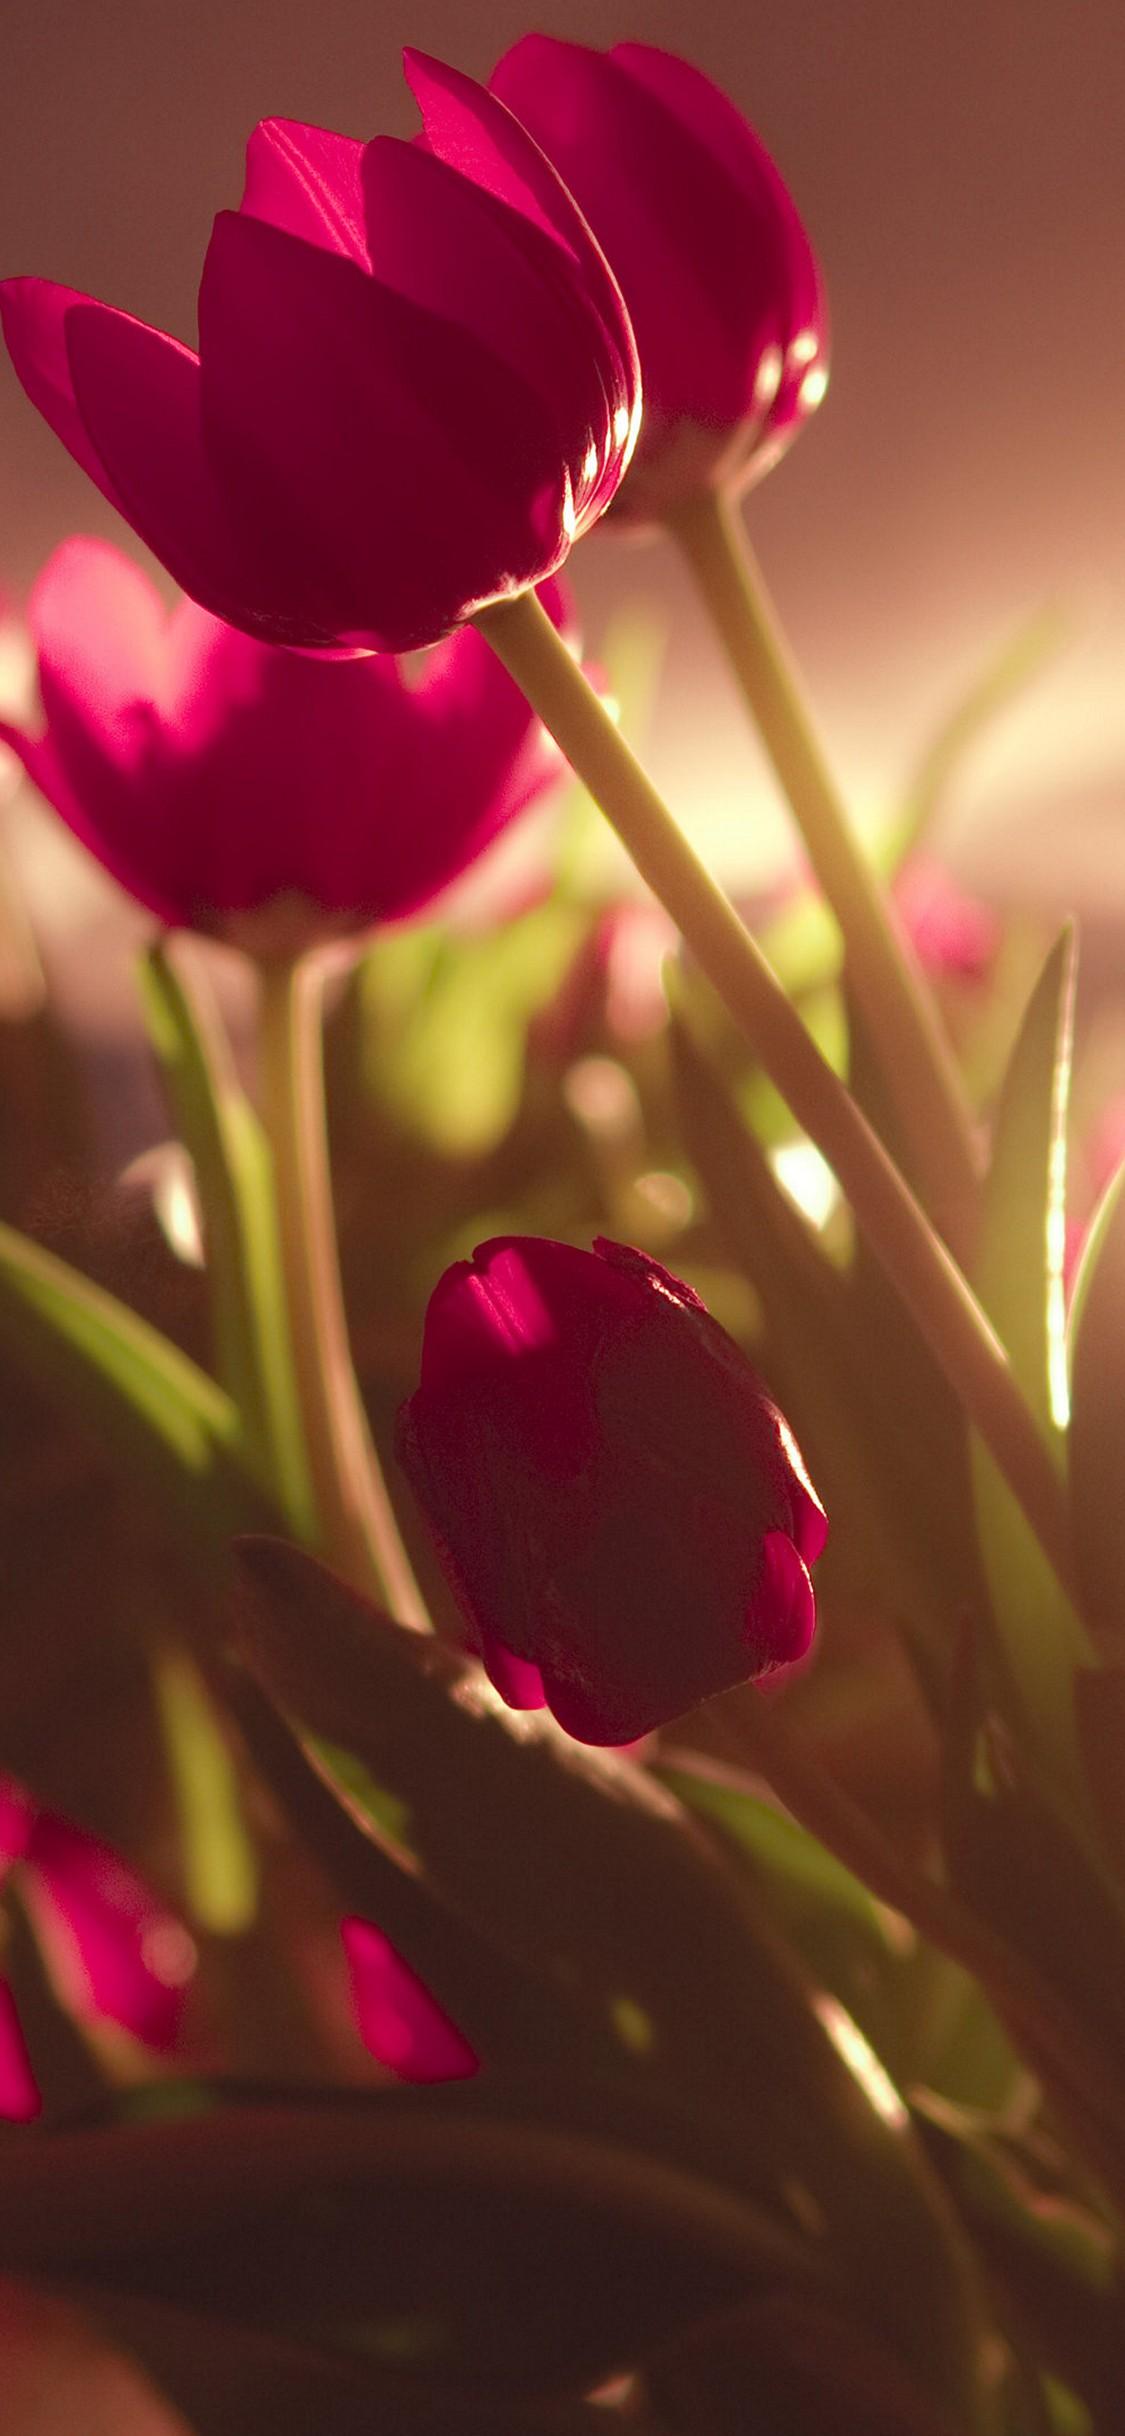 tulip hd wallpaper 1125x2436